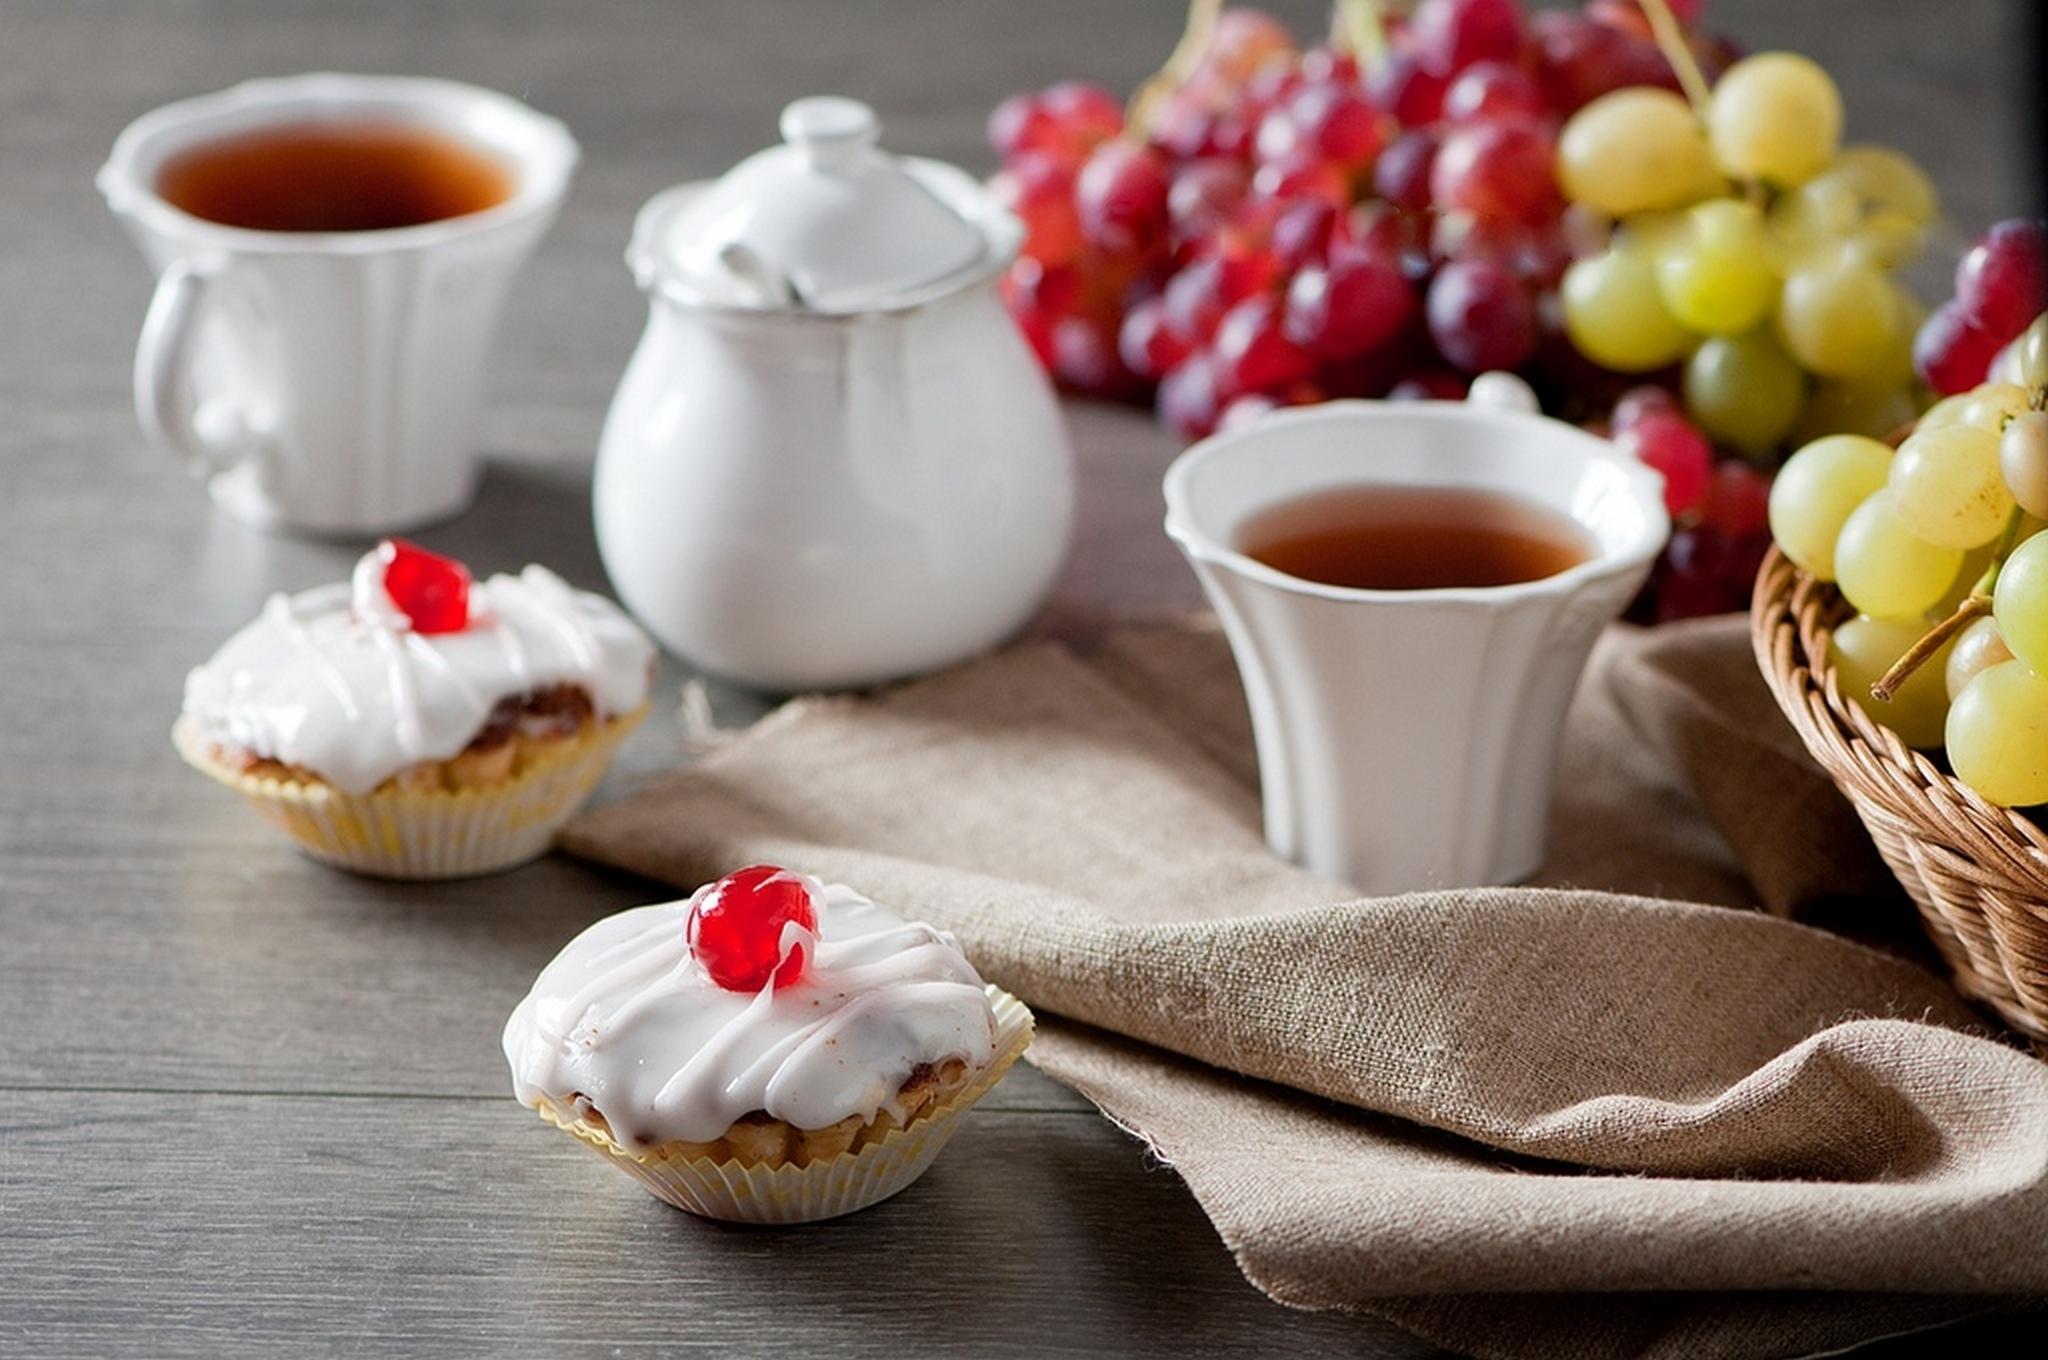 Пироженое с клюбникой и с чаем  № 2153833  скачать